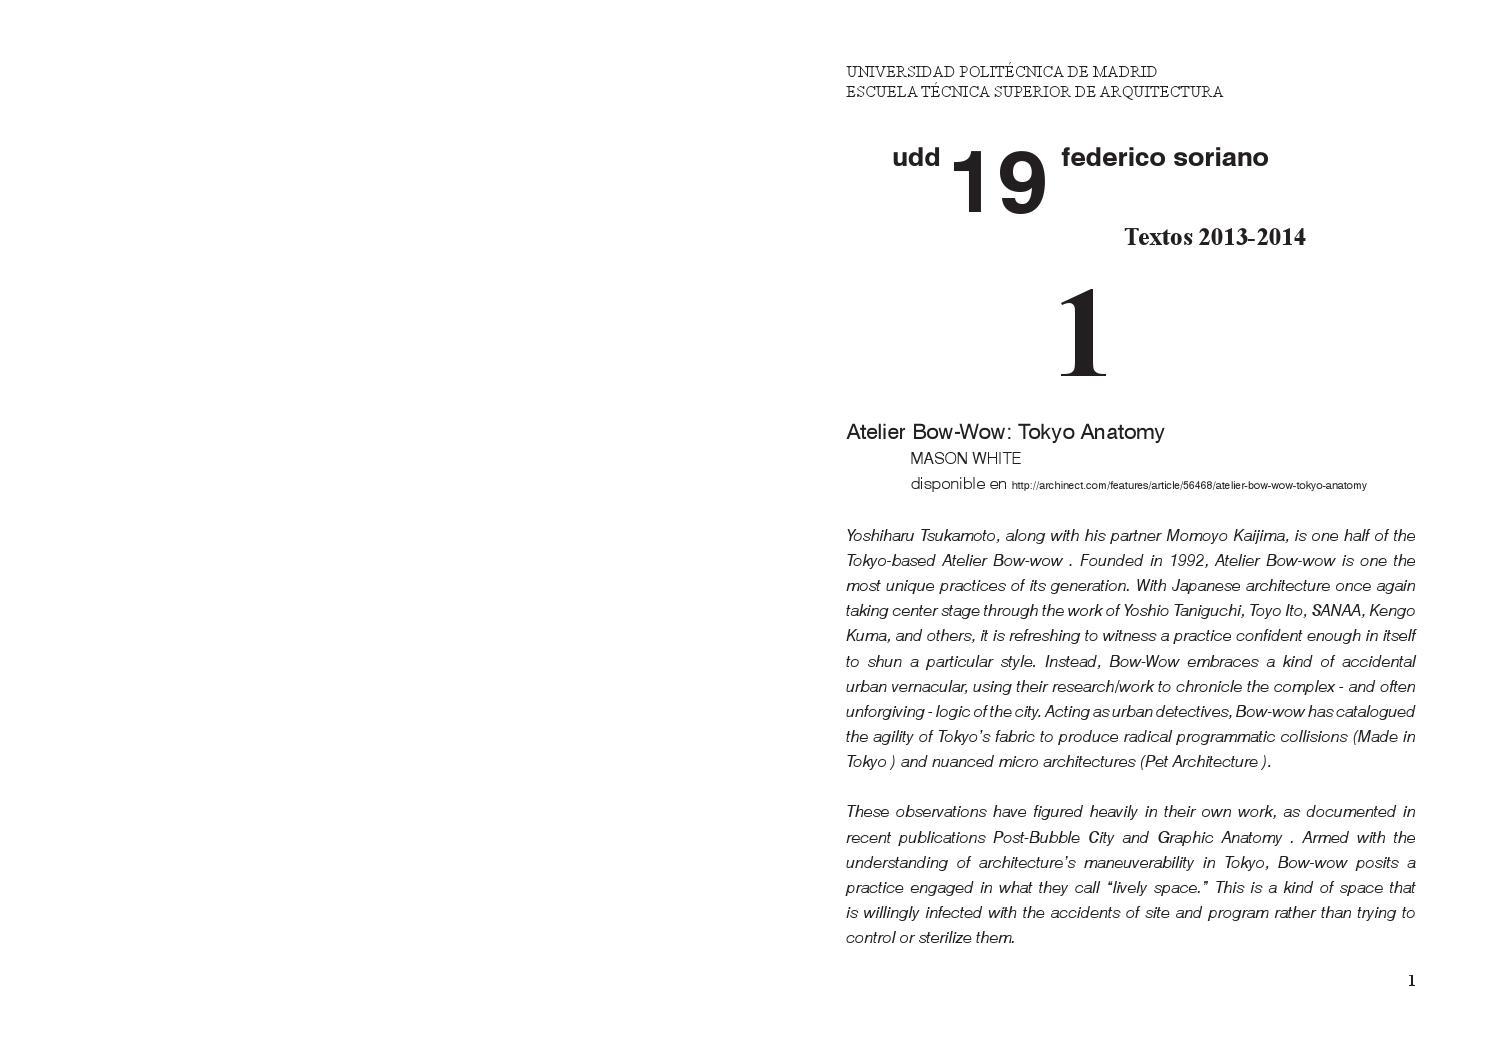 Textos13 14 By Uddfederico Soriano Issuu